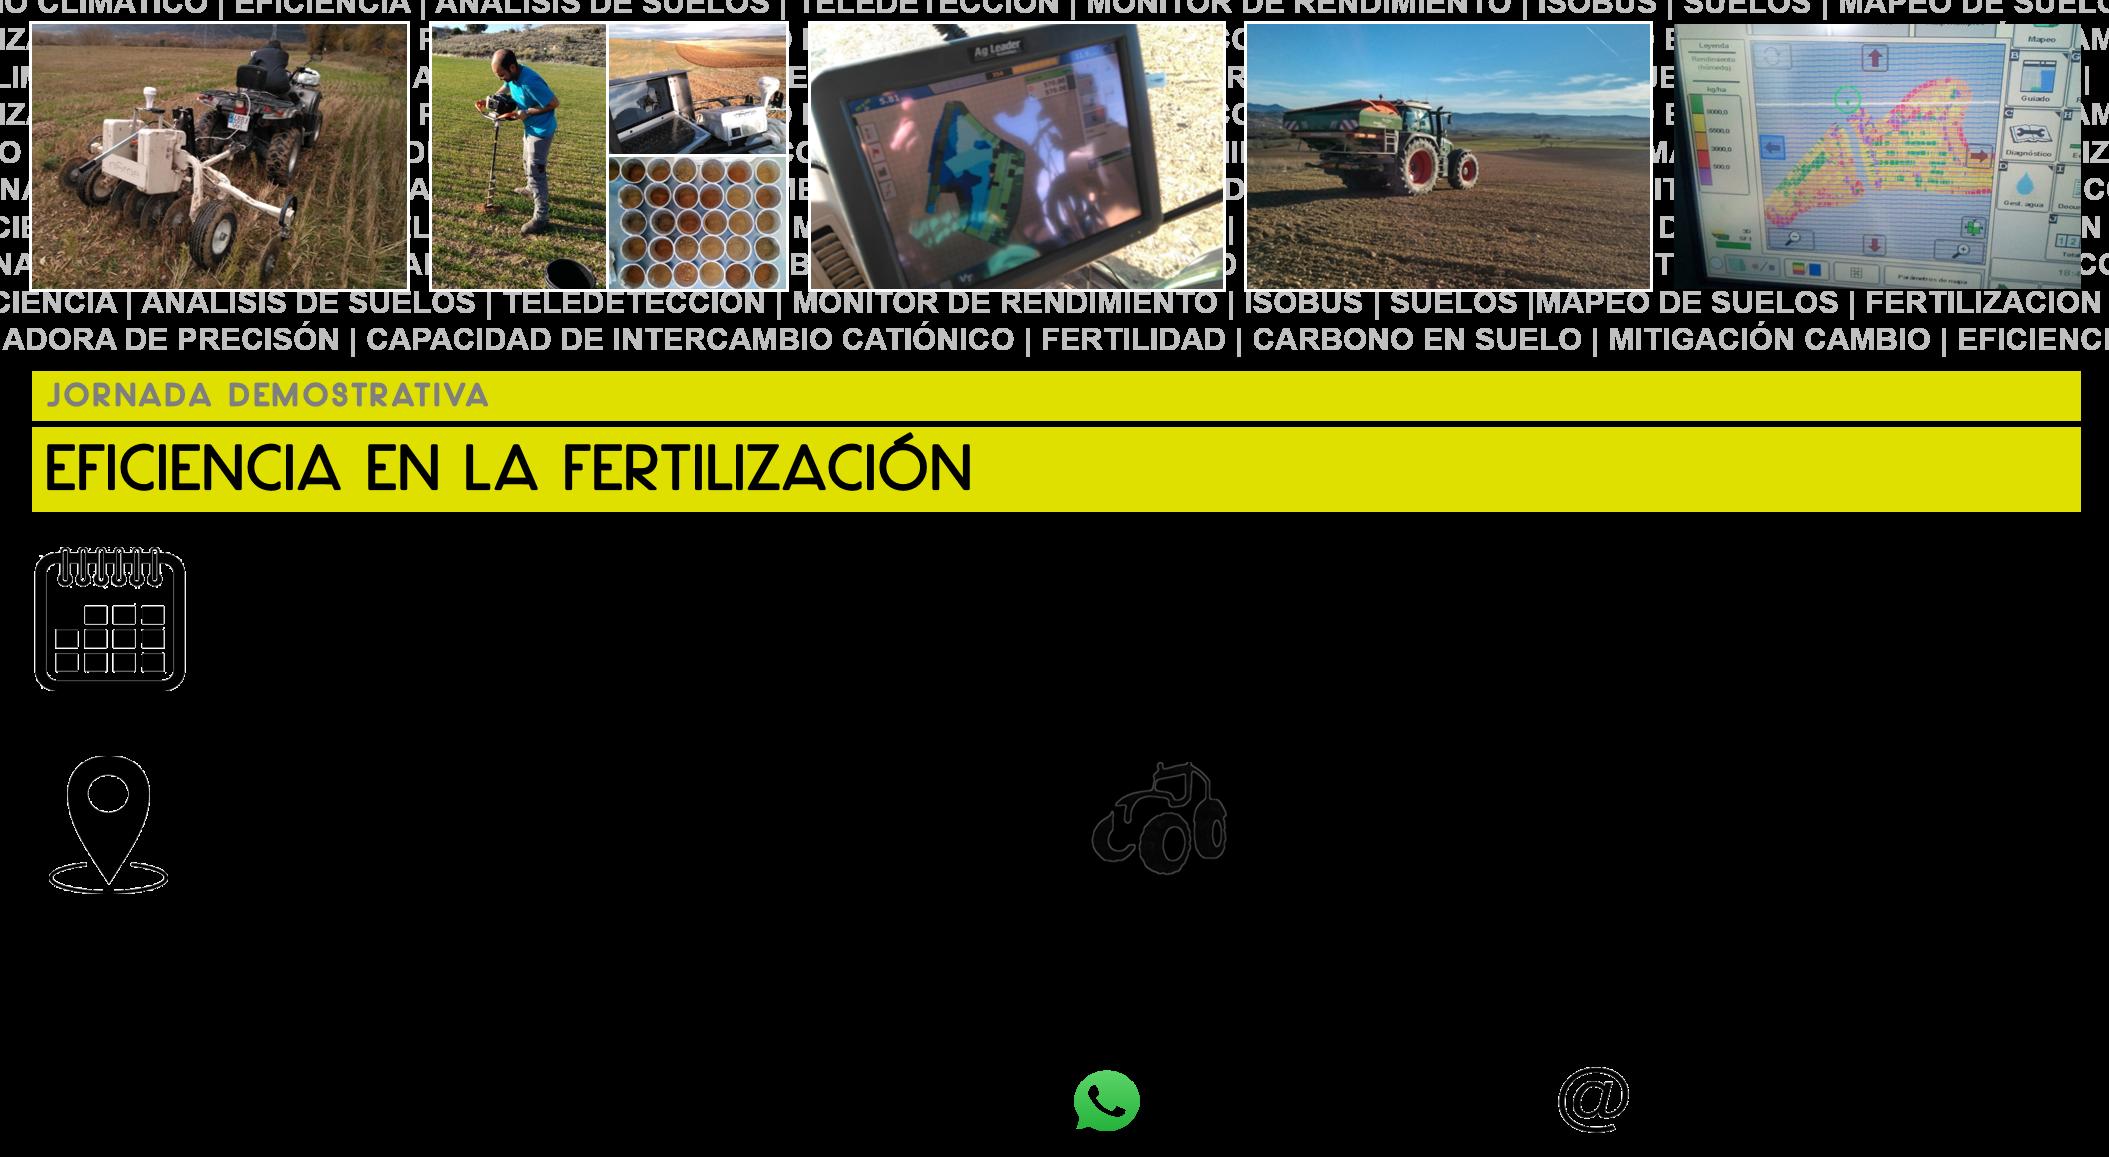 Eficiencia en la fertilización